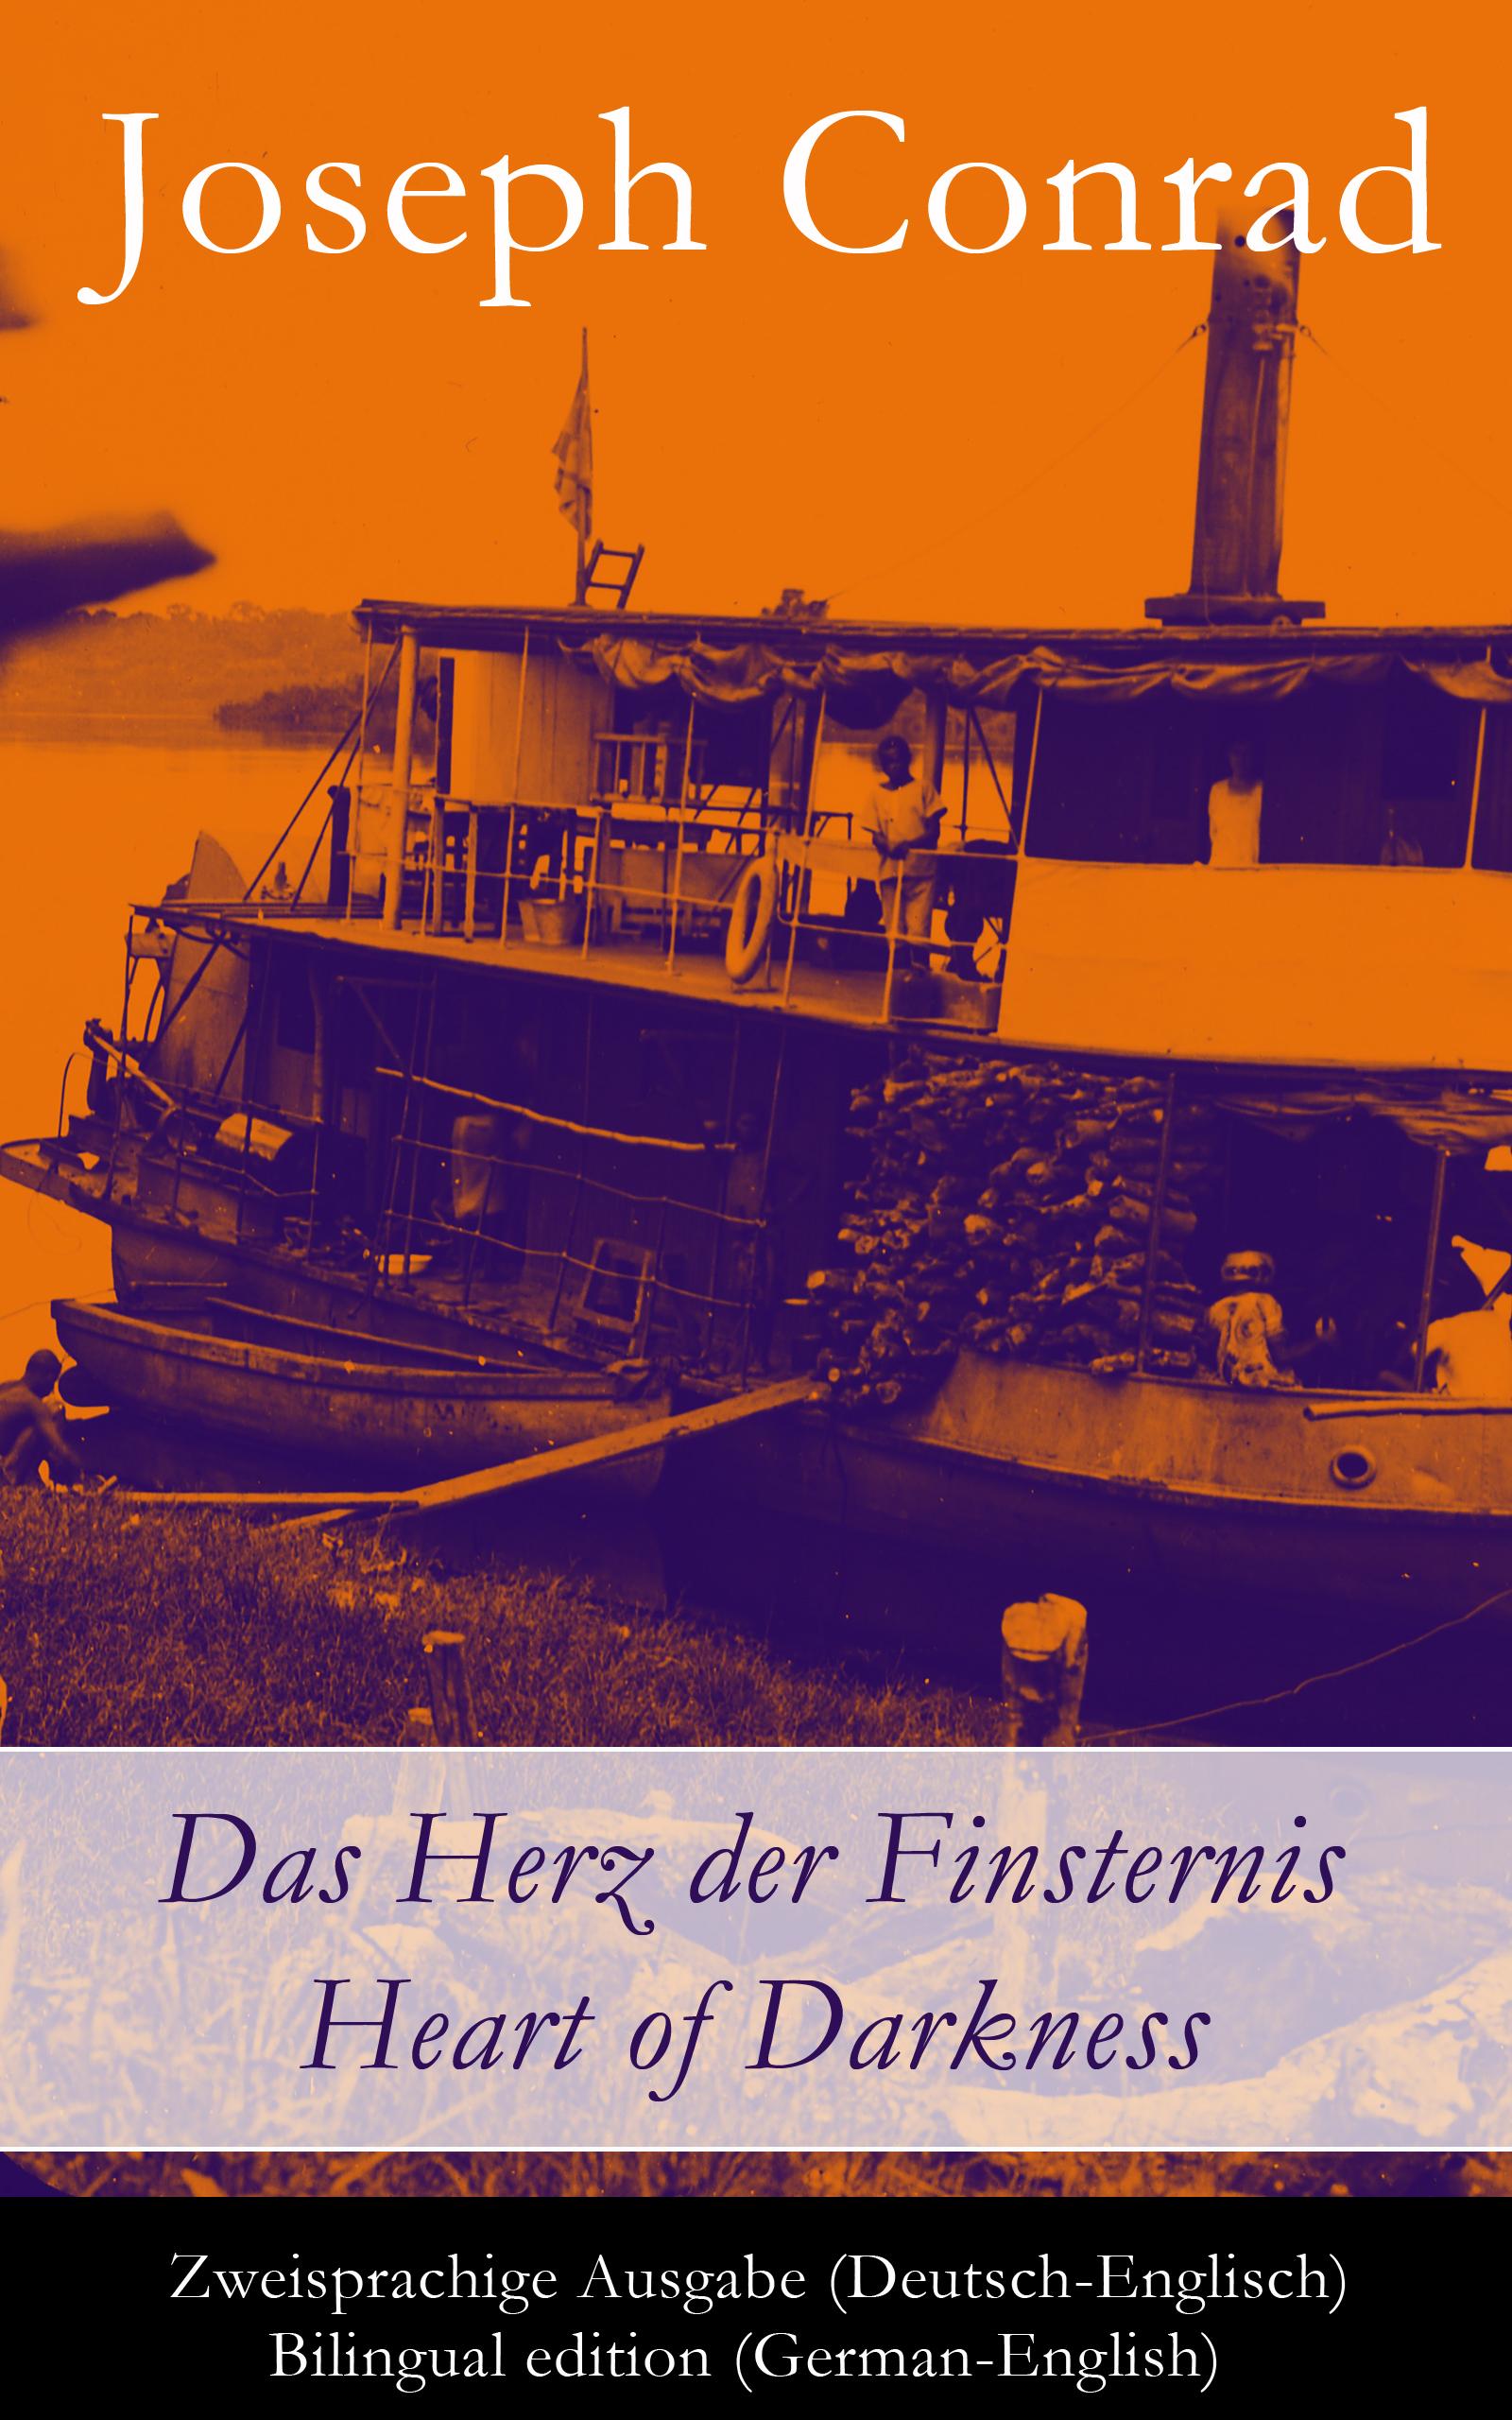 цена Джозеф Конрад Das Herz der Finsternis / Heart of Darkness - Zweisprachige Ausgabe (Deutsch-Englisch) / Bilingual edition (German-English) онлайн в 2017 году